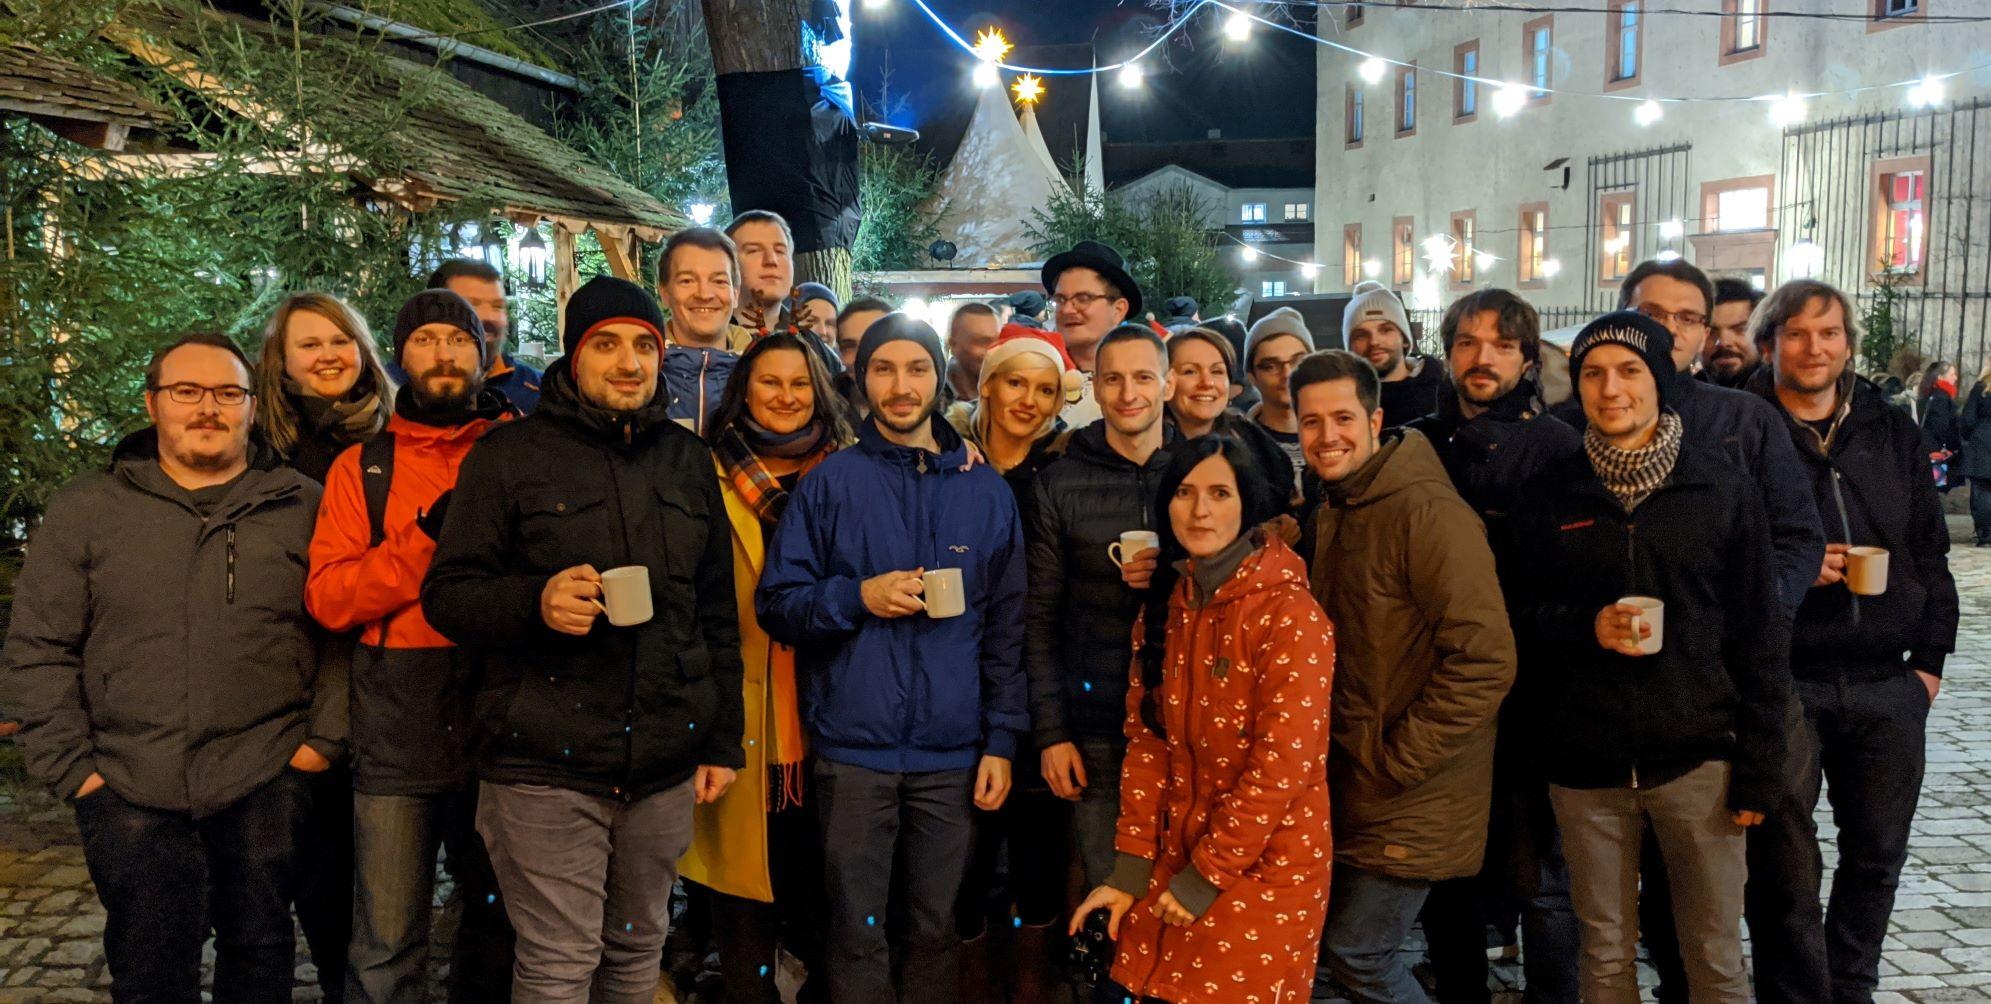 FLYACTS zu Weihnachten - alle lieben Kollegen zusammen